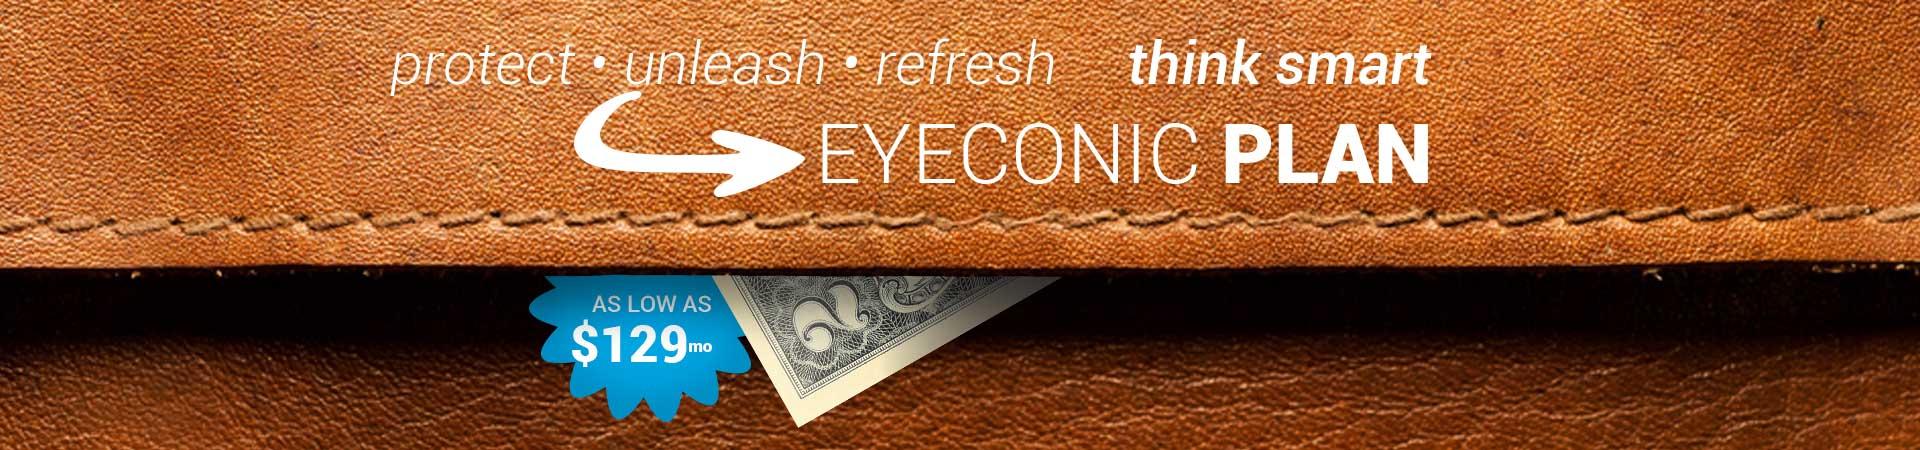 eyeconic-plan-wallet-2016